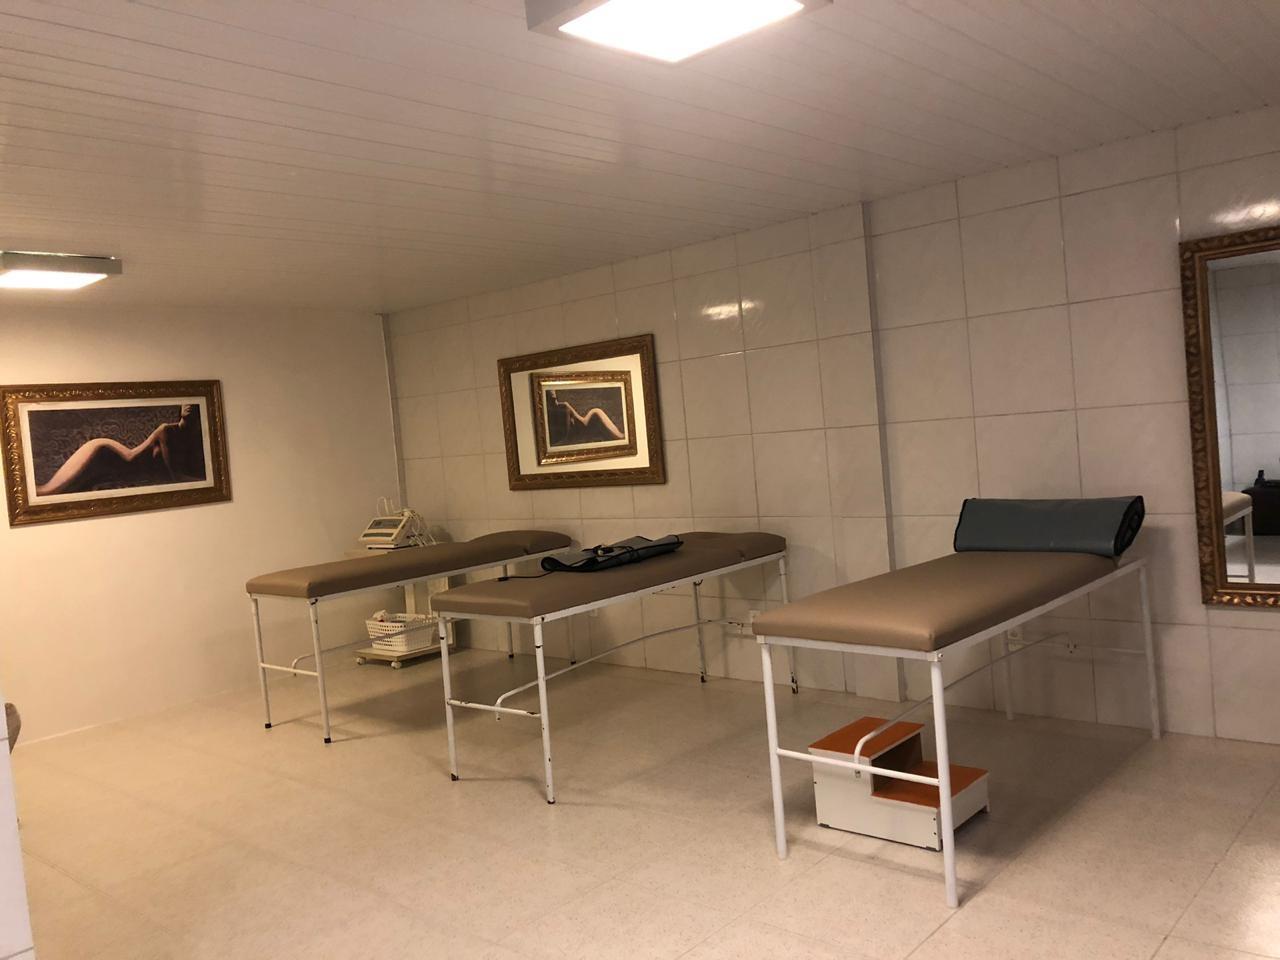 Sessão 1 área de Criolipólise + 3 sessões de cavitação de alta potência + 3 drenodetox + 6 massagem modeladora + 6 bambuterapia + 6 drenagem linfática por apenas R$79 na Personale